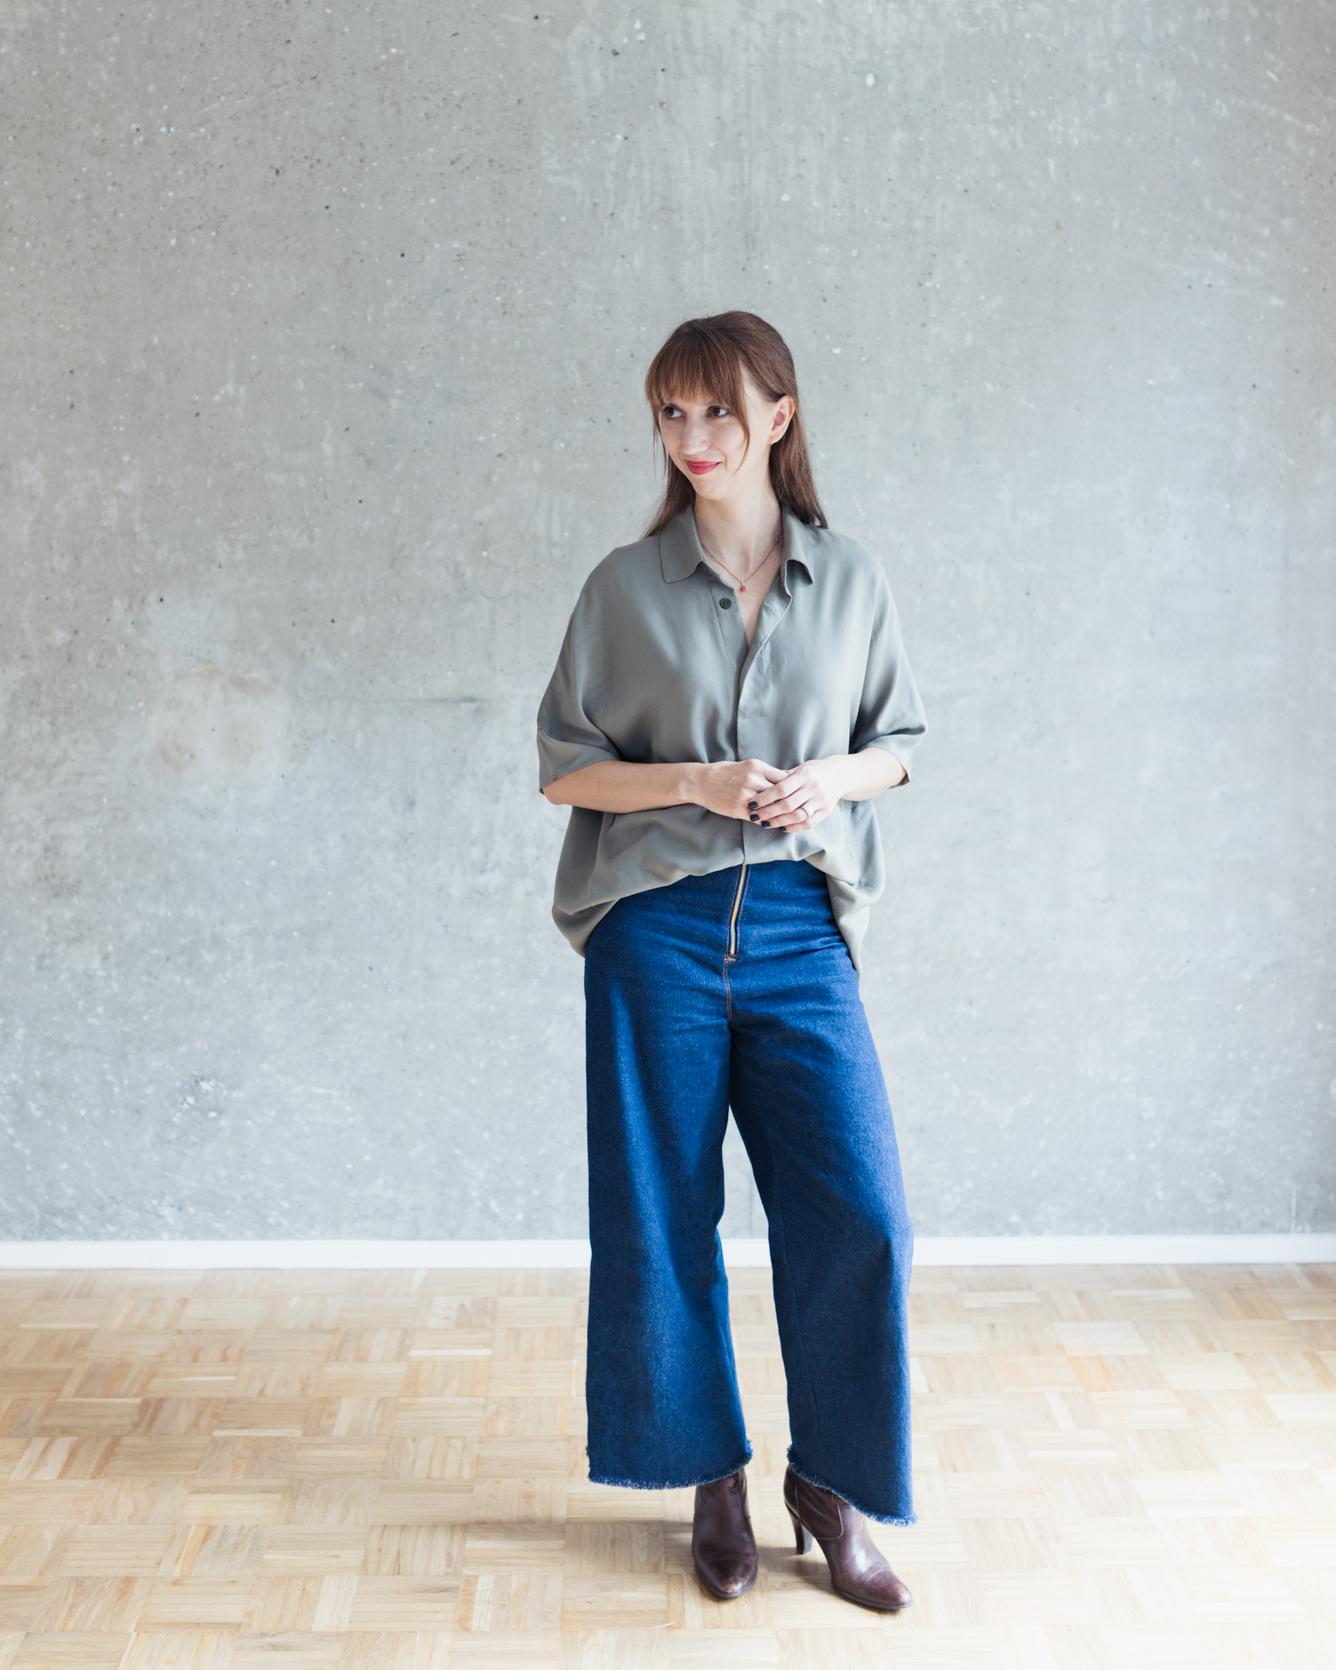 Schnittduett Schnittmuster Oversize Bluse Cocoon - Wir bieten moderne Schnittmuster für Damen